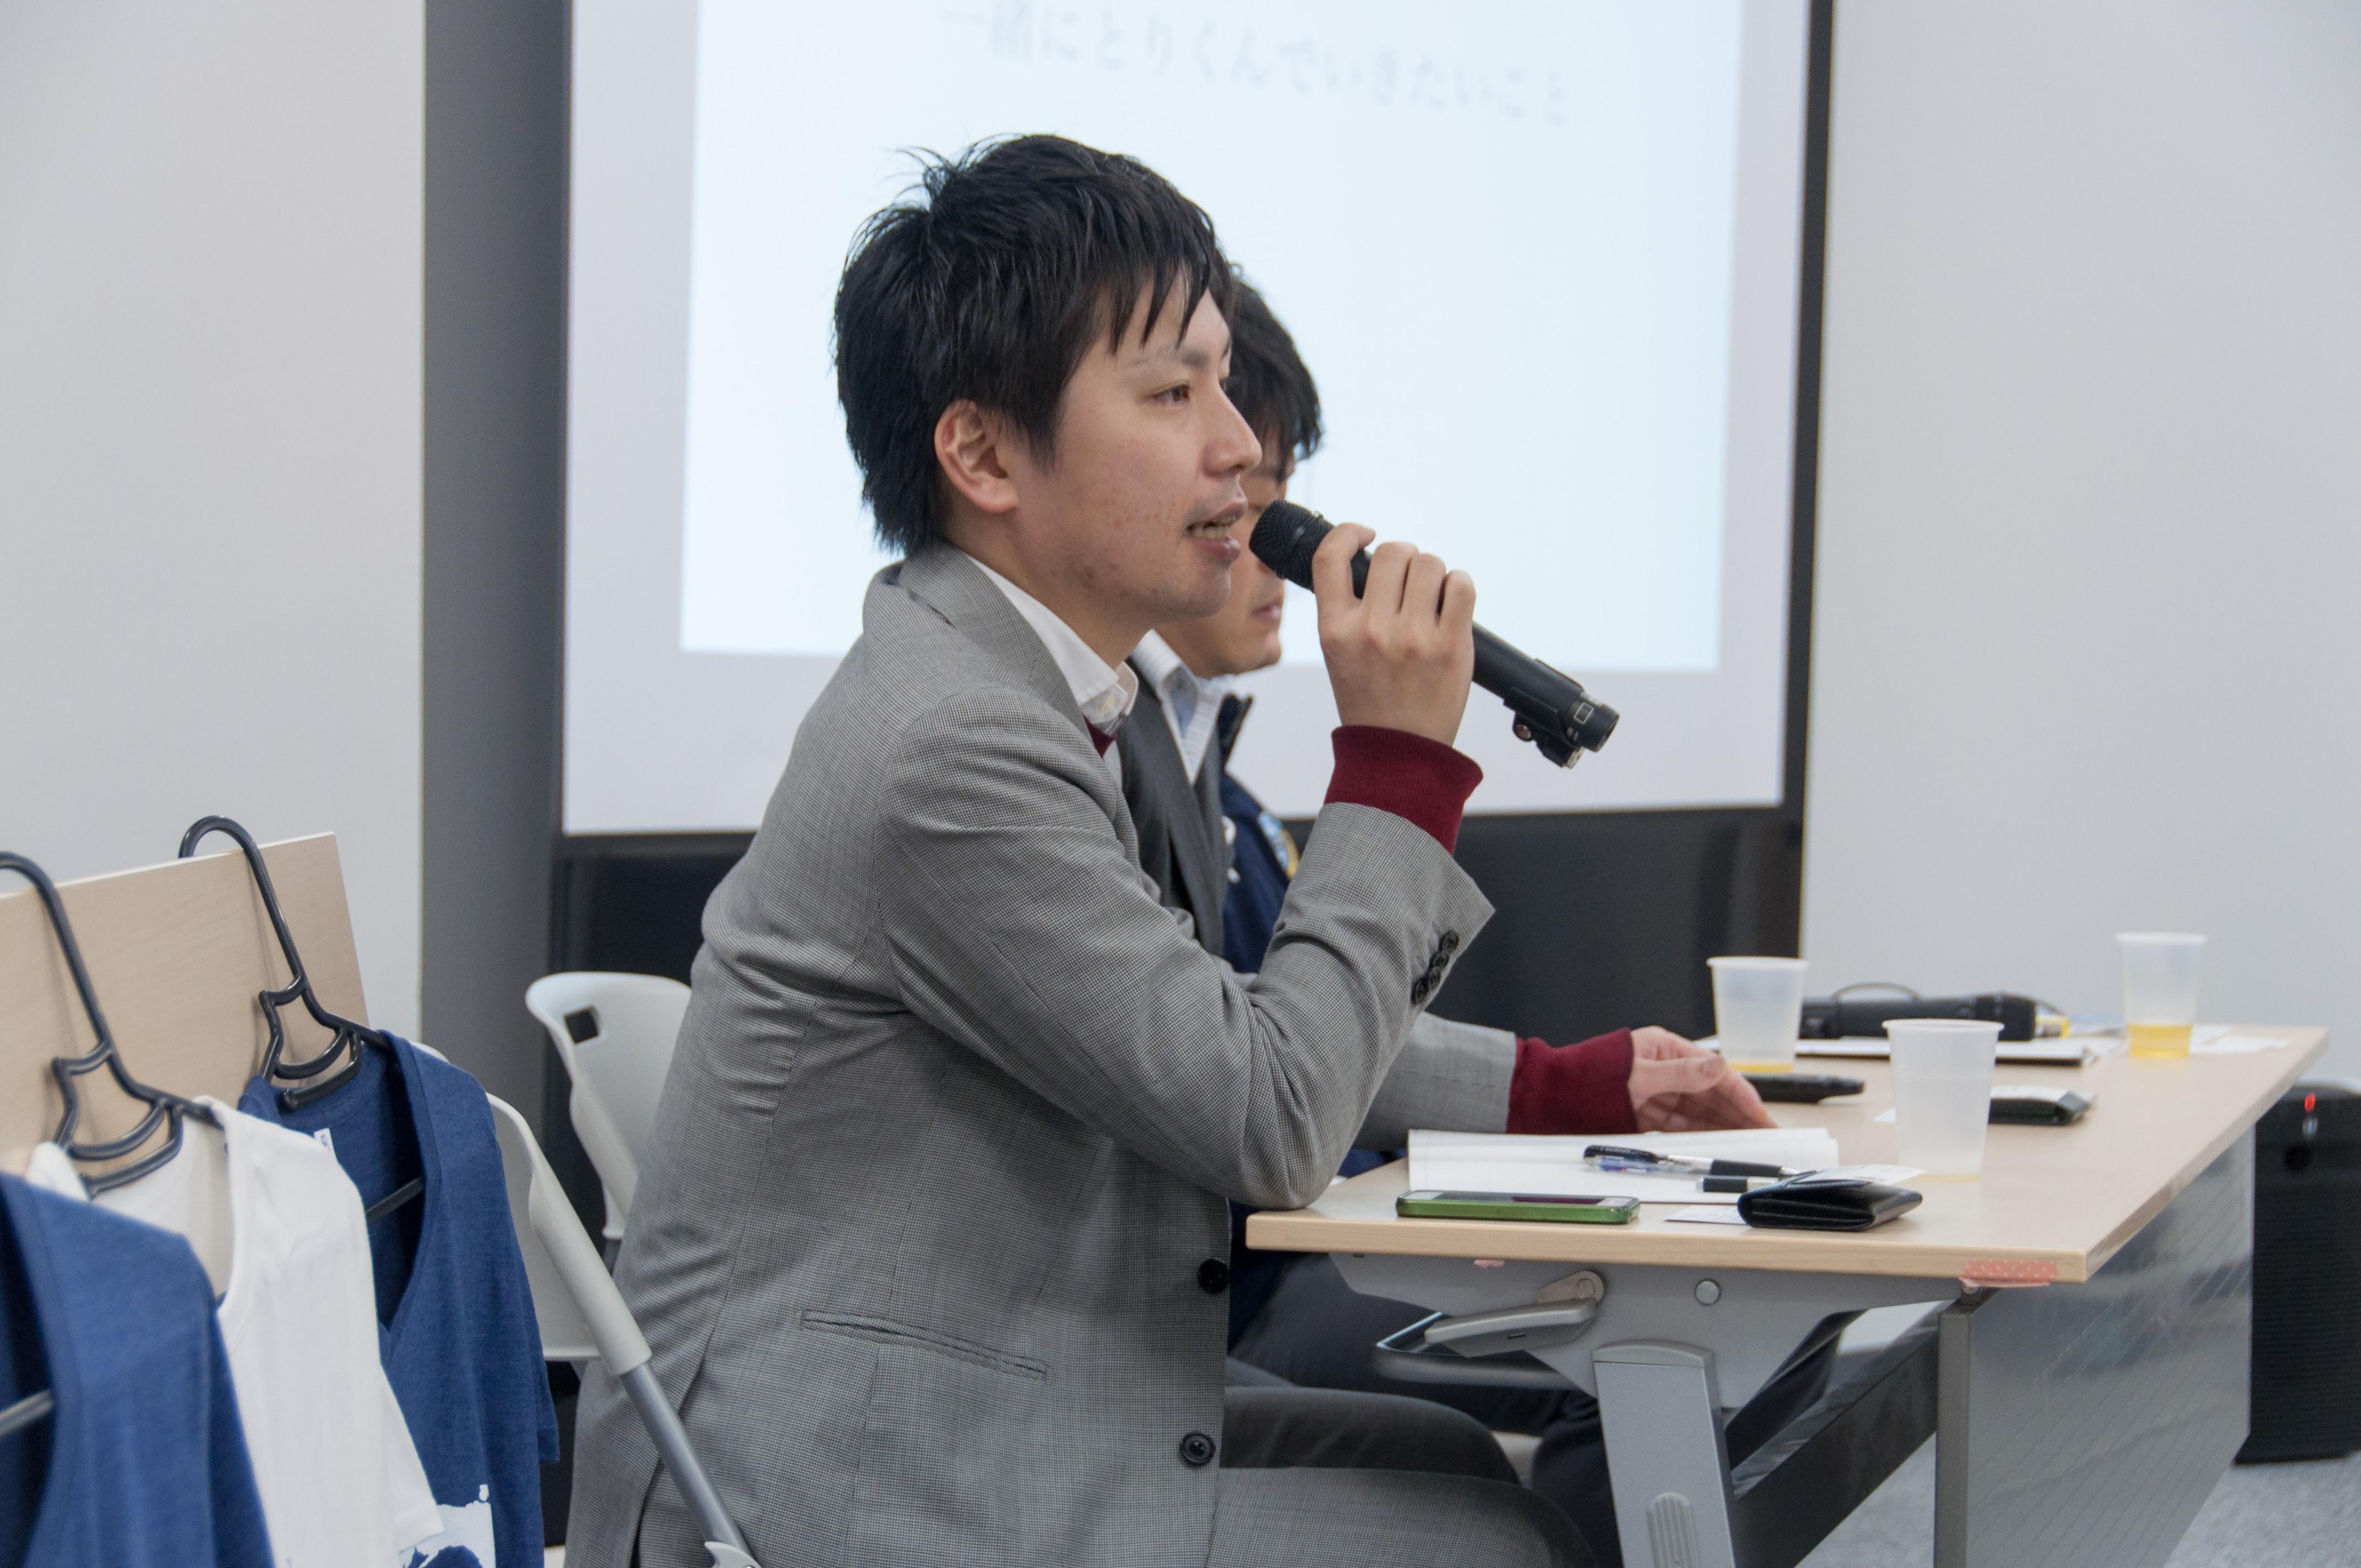 株式会社Plainovation代表およびNPO法人郡山ペップ子育てネットワーク企画部長 菅家元志さん